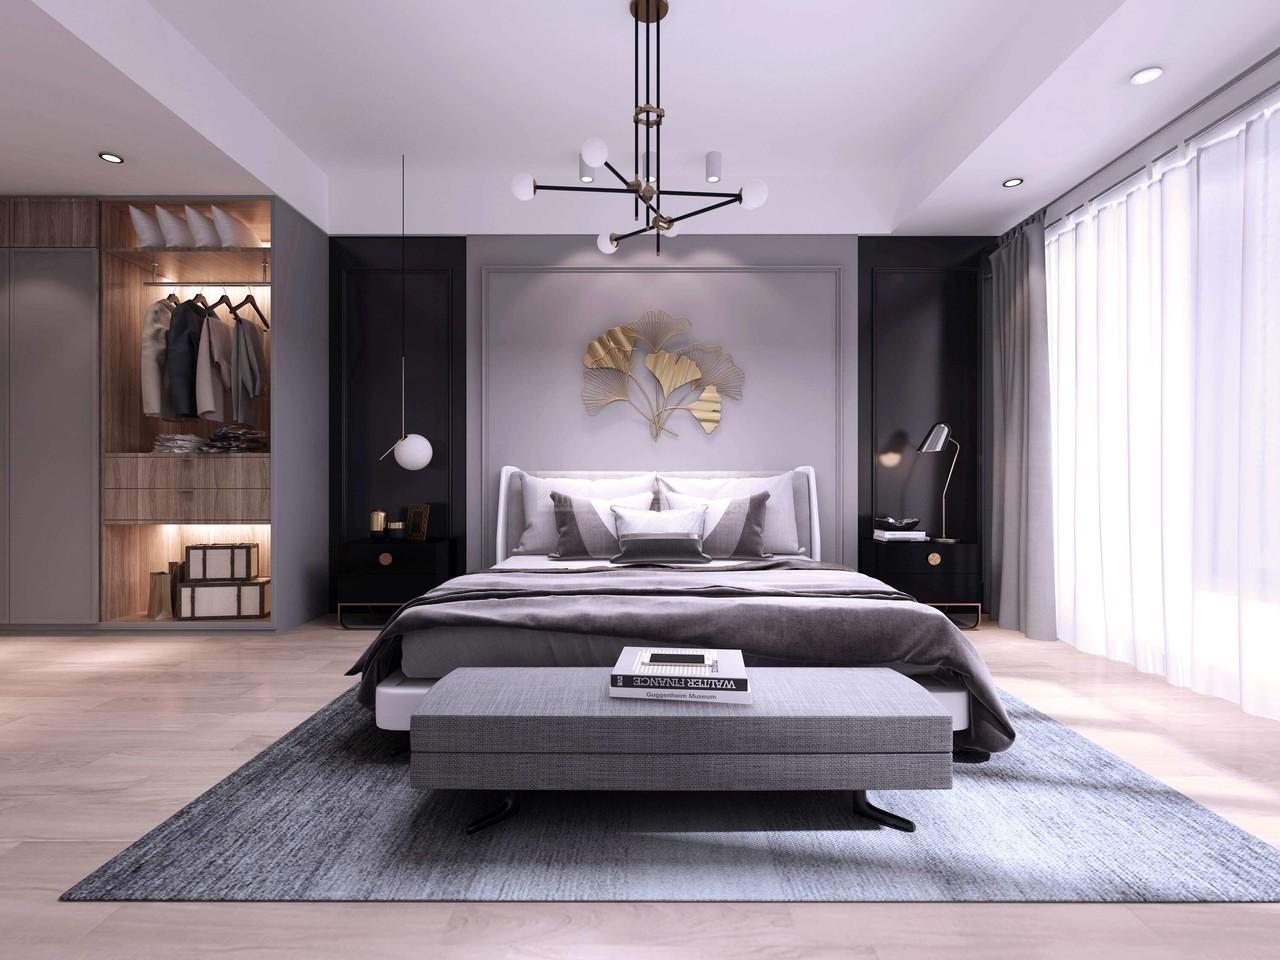 【金阳新世界嘉苑】给人前卫、不受拘束的简约舒适感设计!,简约,四居室,300.0㎡